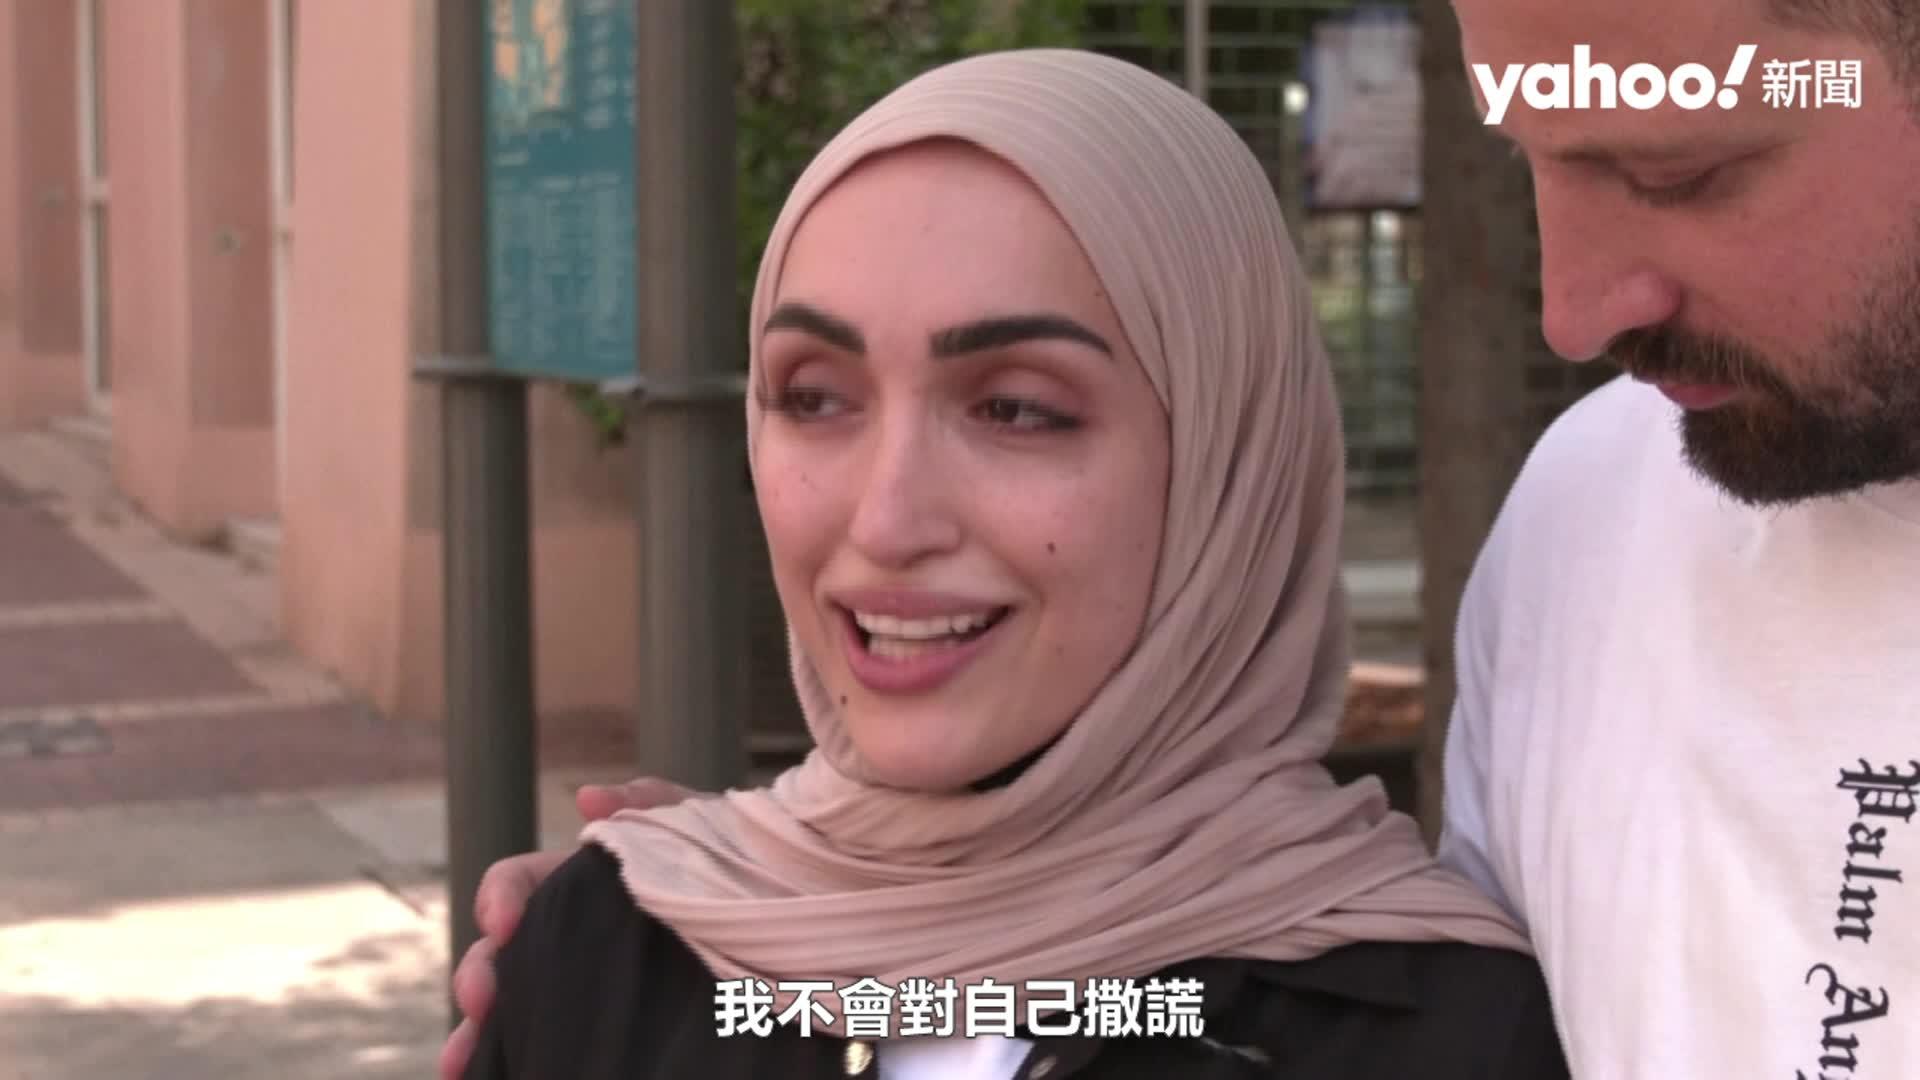 婚攝遇大爆炸影片撼全球「貝魯特新娘」結婚周年仍不敢掛照片